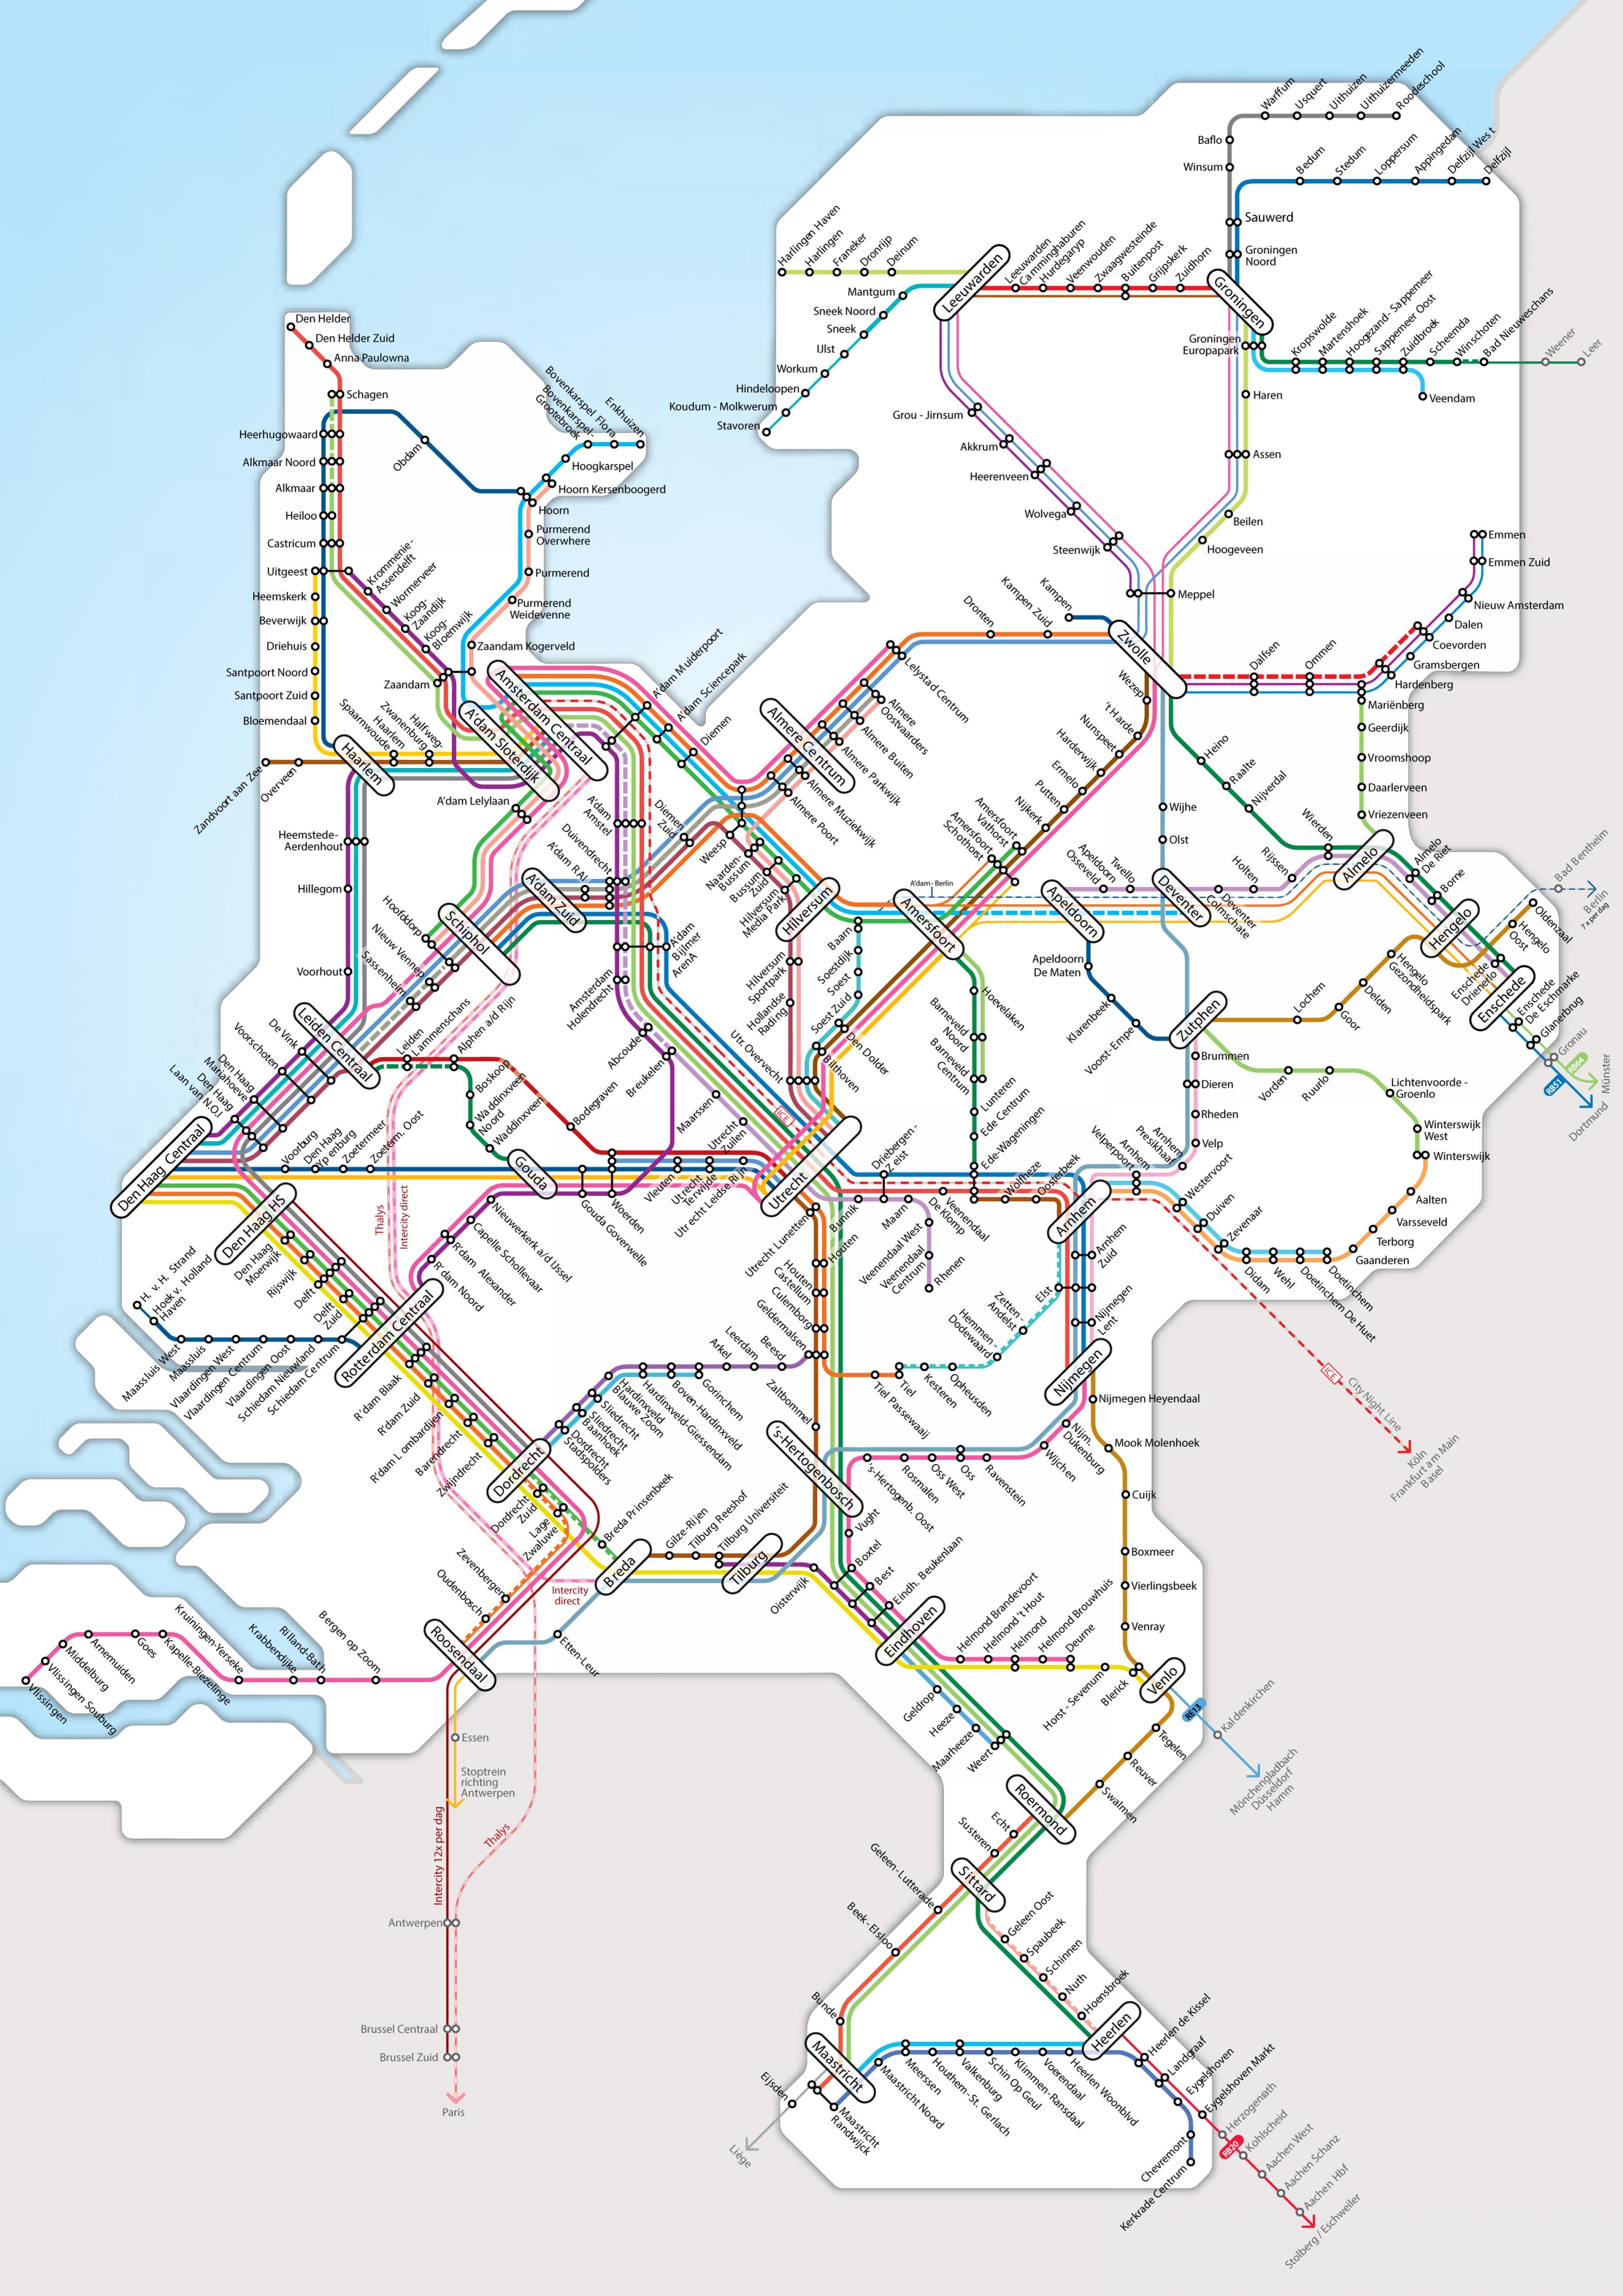 Nizozemsko Zeleznicni Mapa Nizozemsko Zeleznicni Sit Mapa